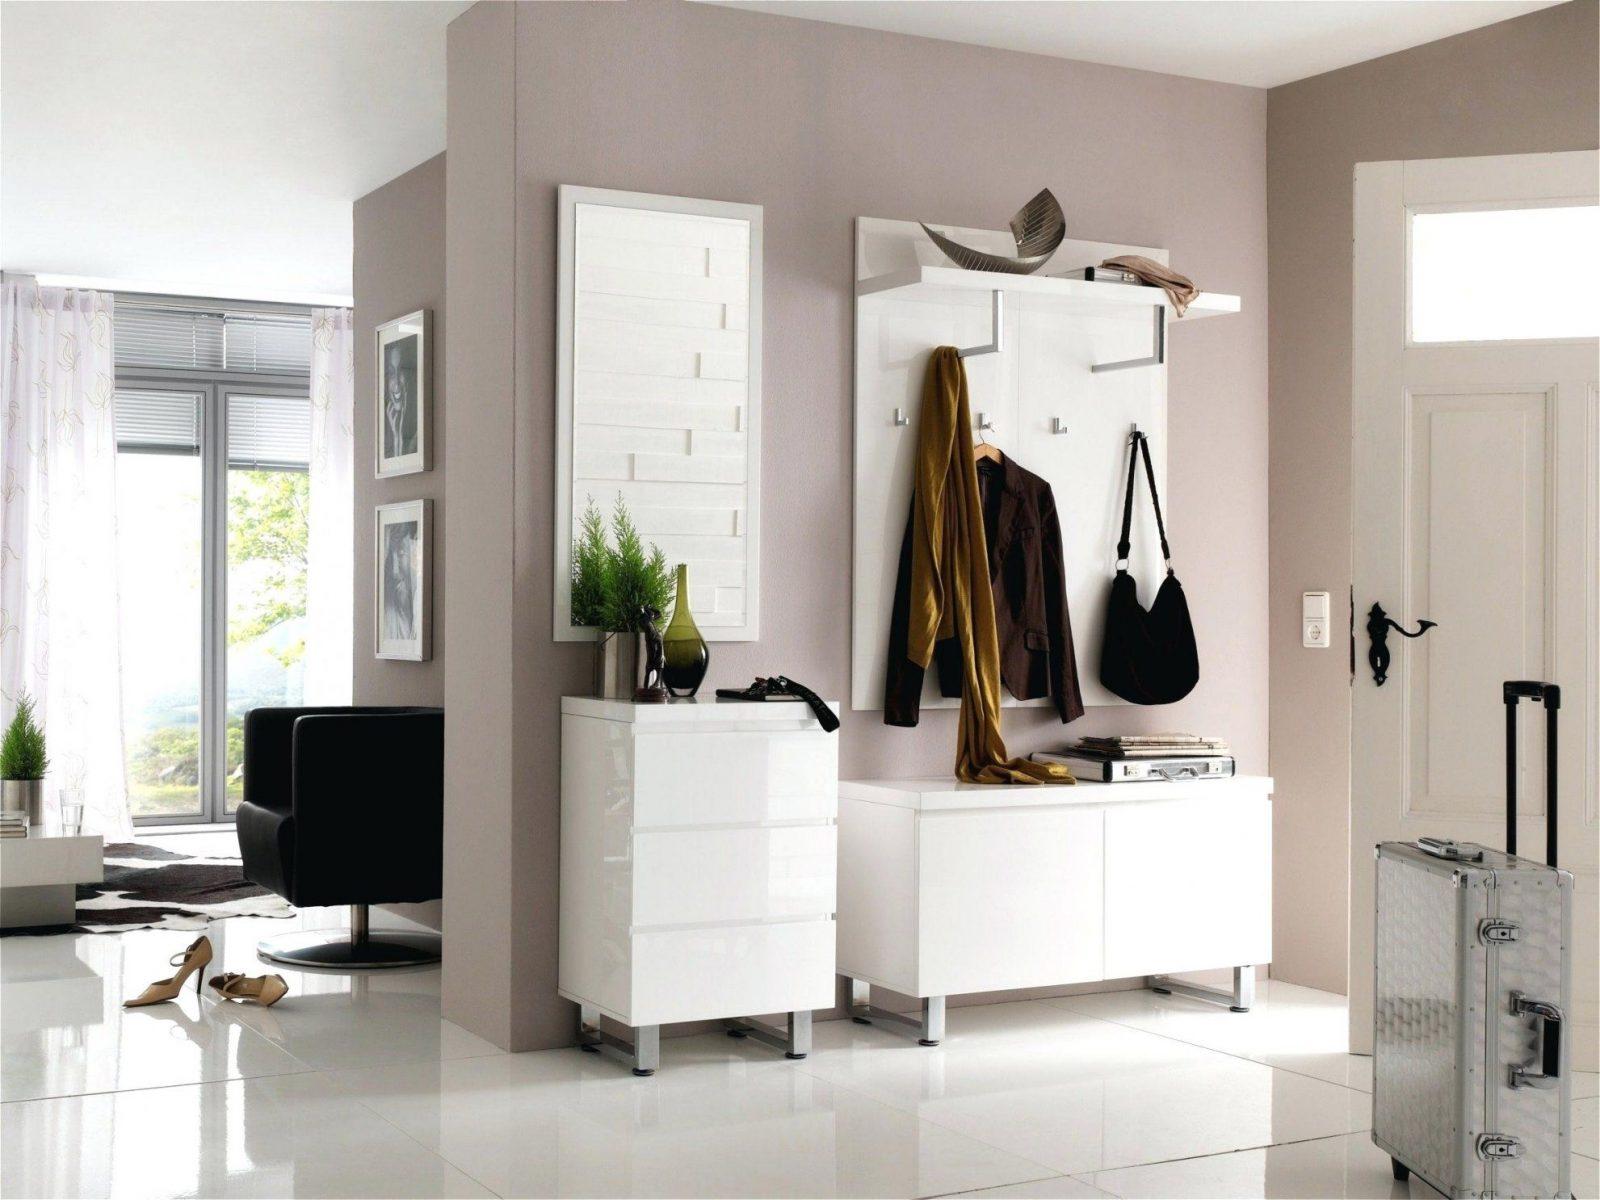 Schlafzimmer Weiße Möbel Welche Wandfarbe Neu Dunkle Möbel Welche von Wandfarbe Zu Weißen Möbeln Bild